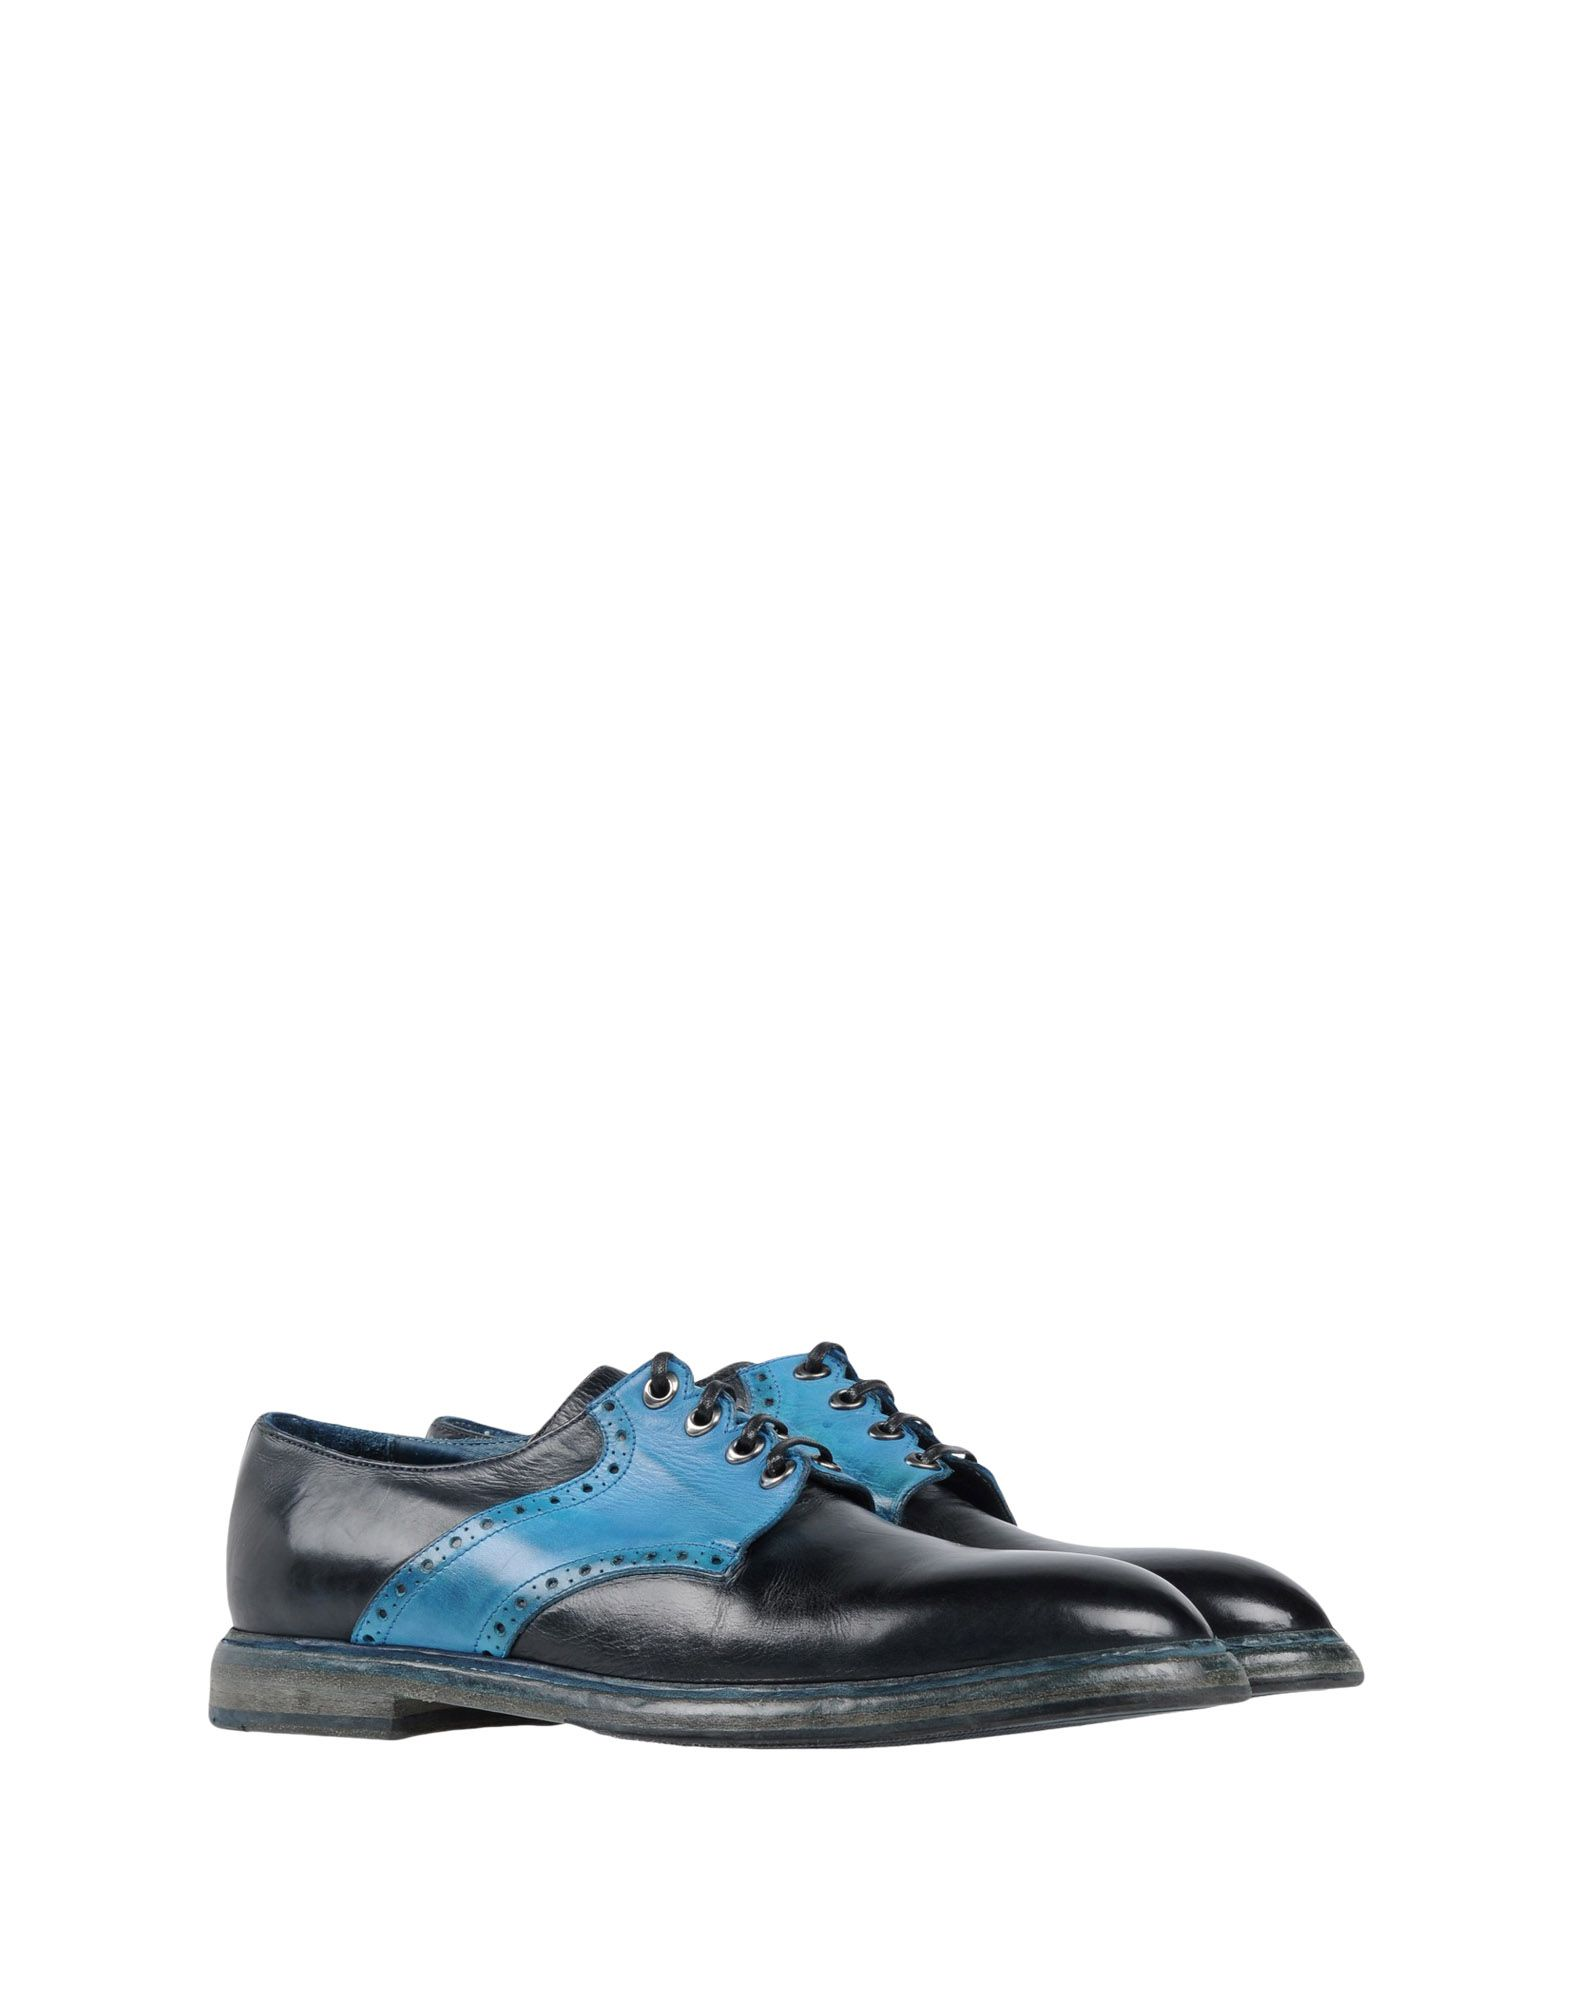 Dolce & Gabbana Schnürschuhe Herren  11462426KG Gute Qualität beliebte Schuhe